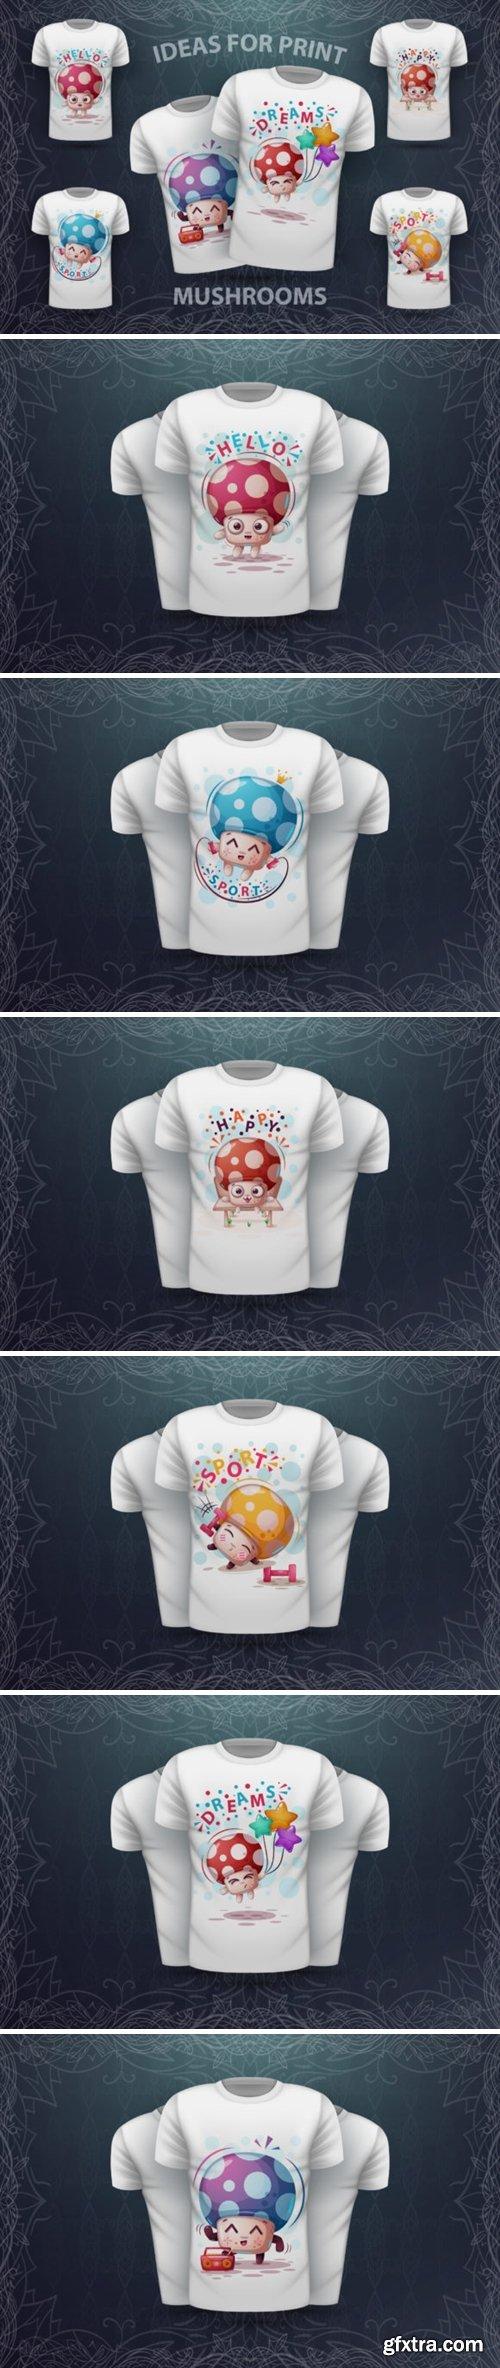 Cute Cartoon Mushrooms - Idea for Print 1593441